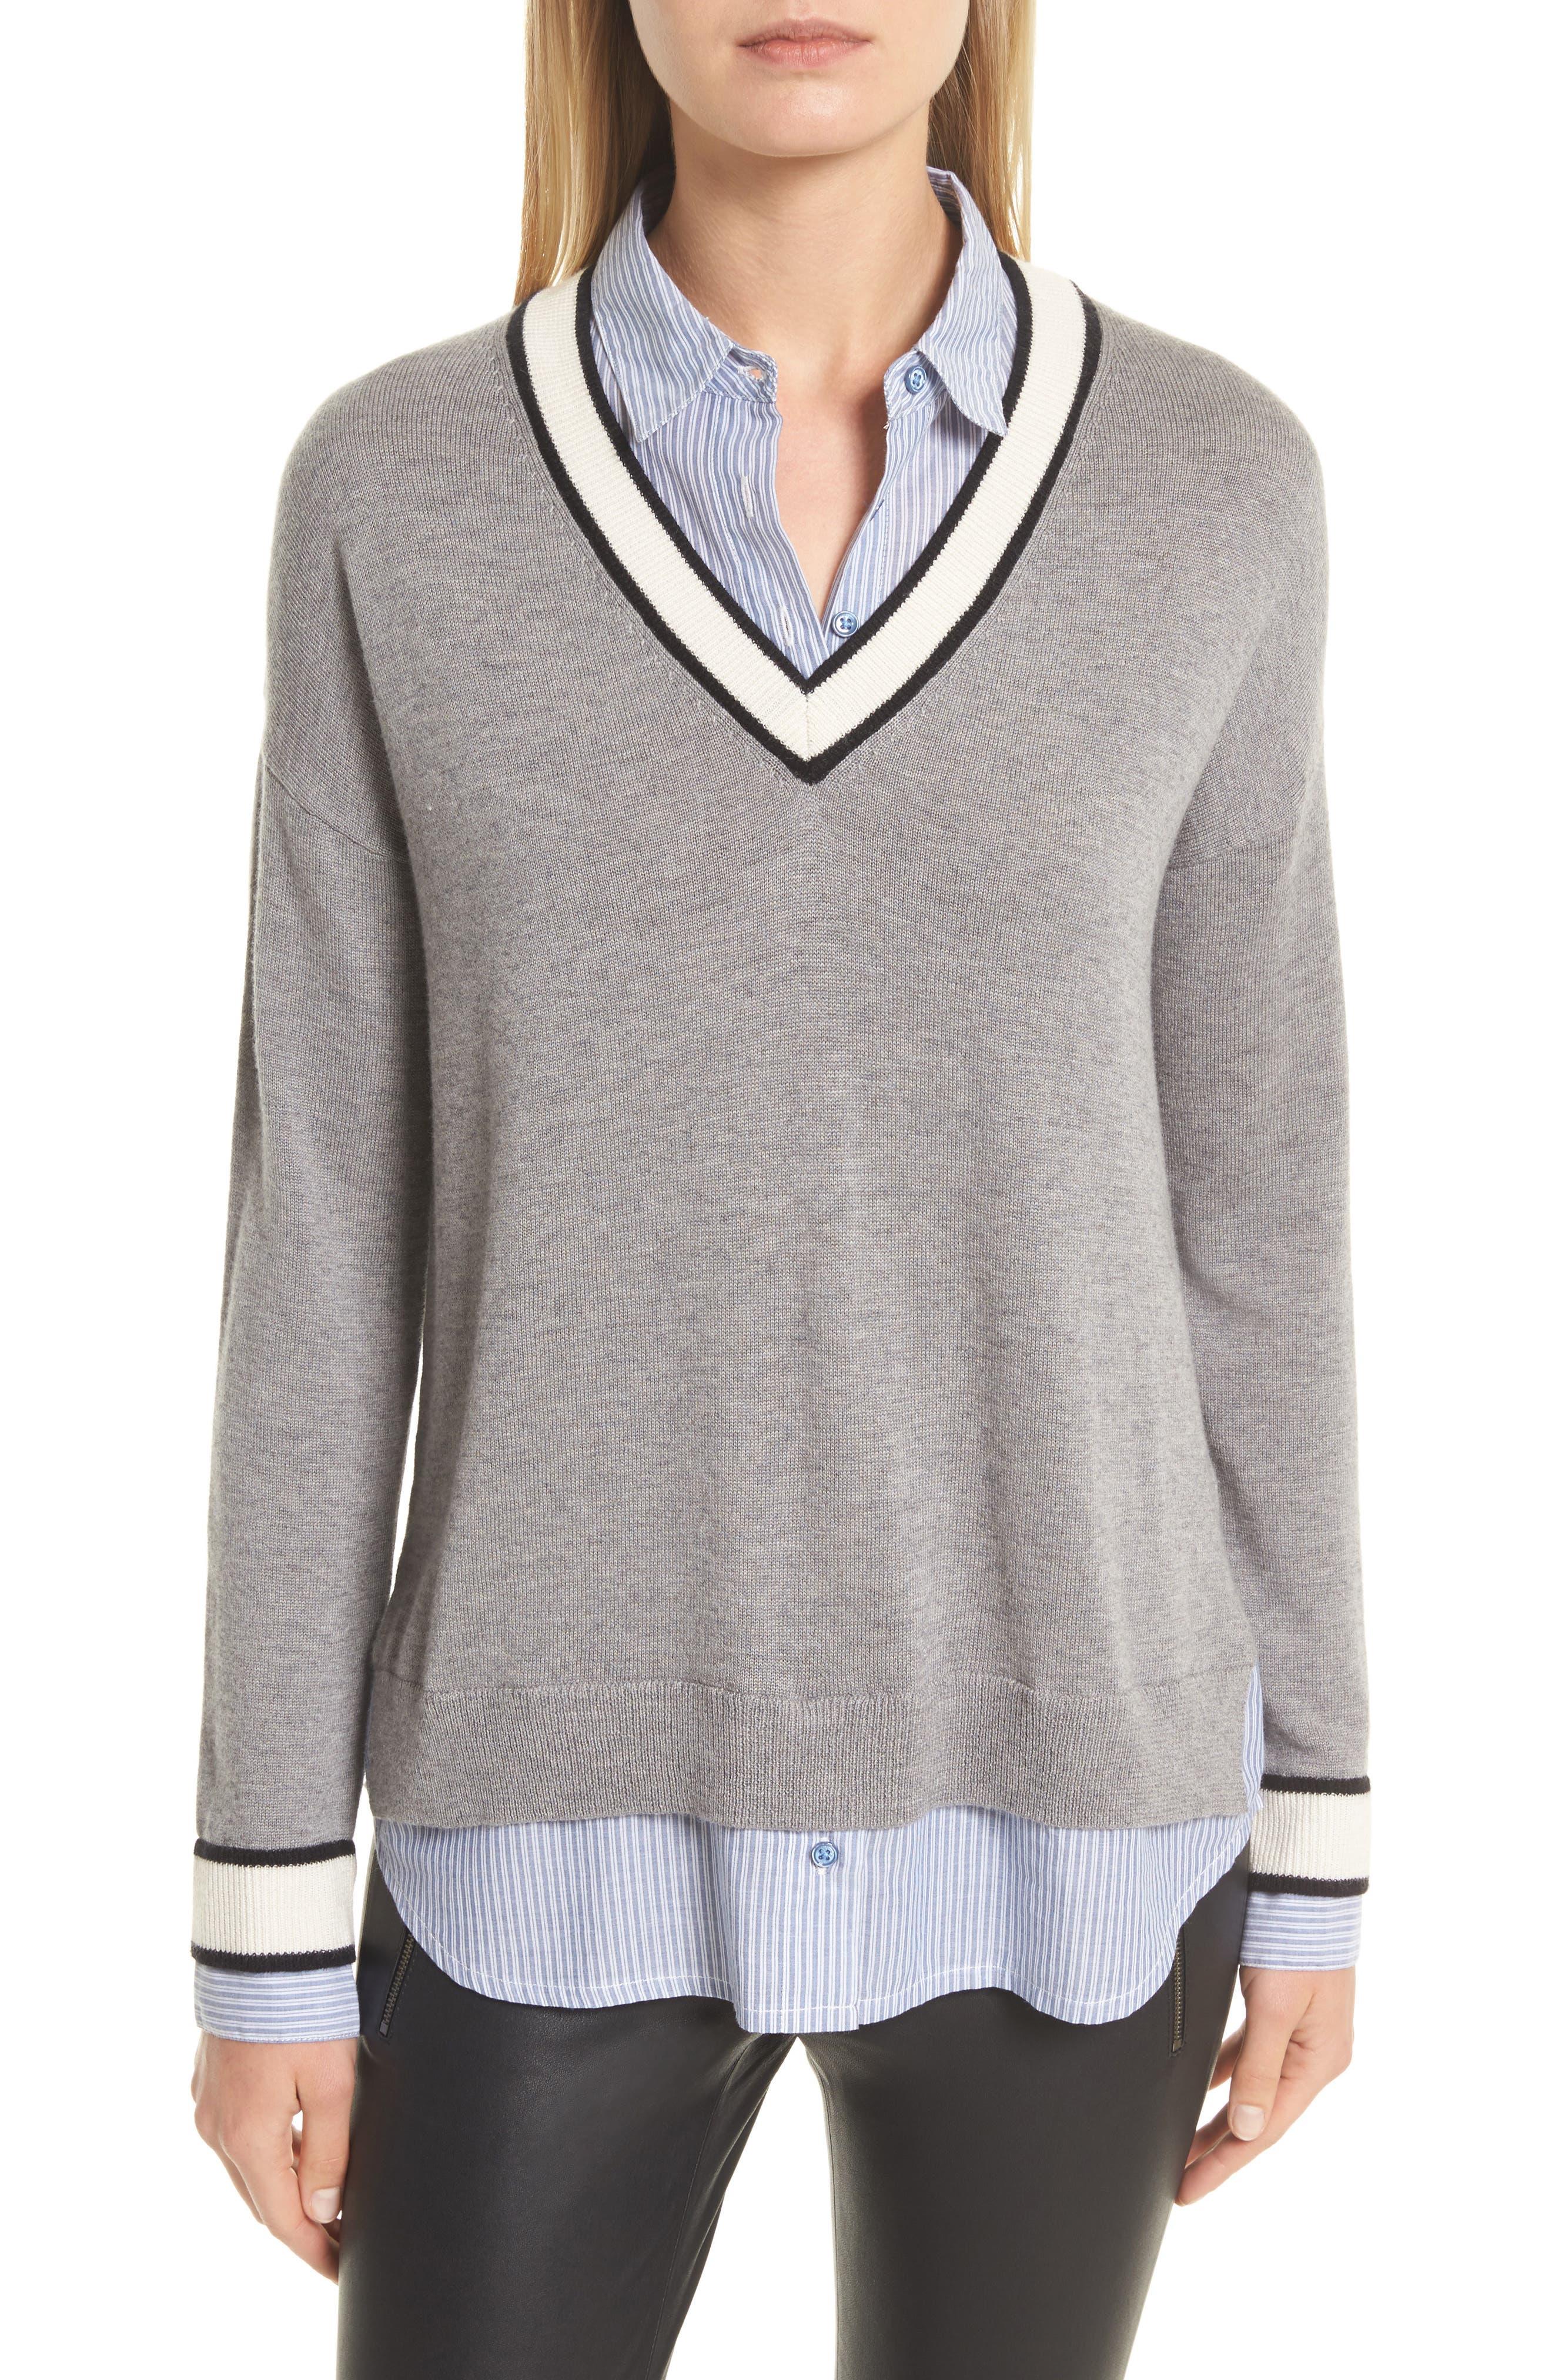 Joie Belva Layered Look Sweater